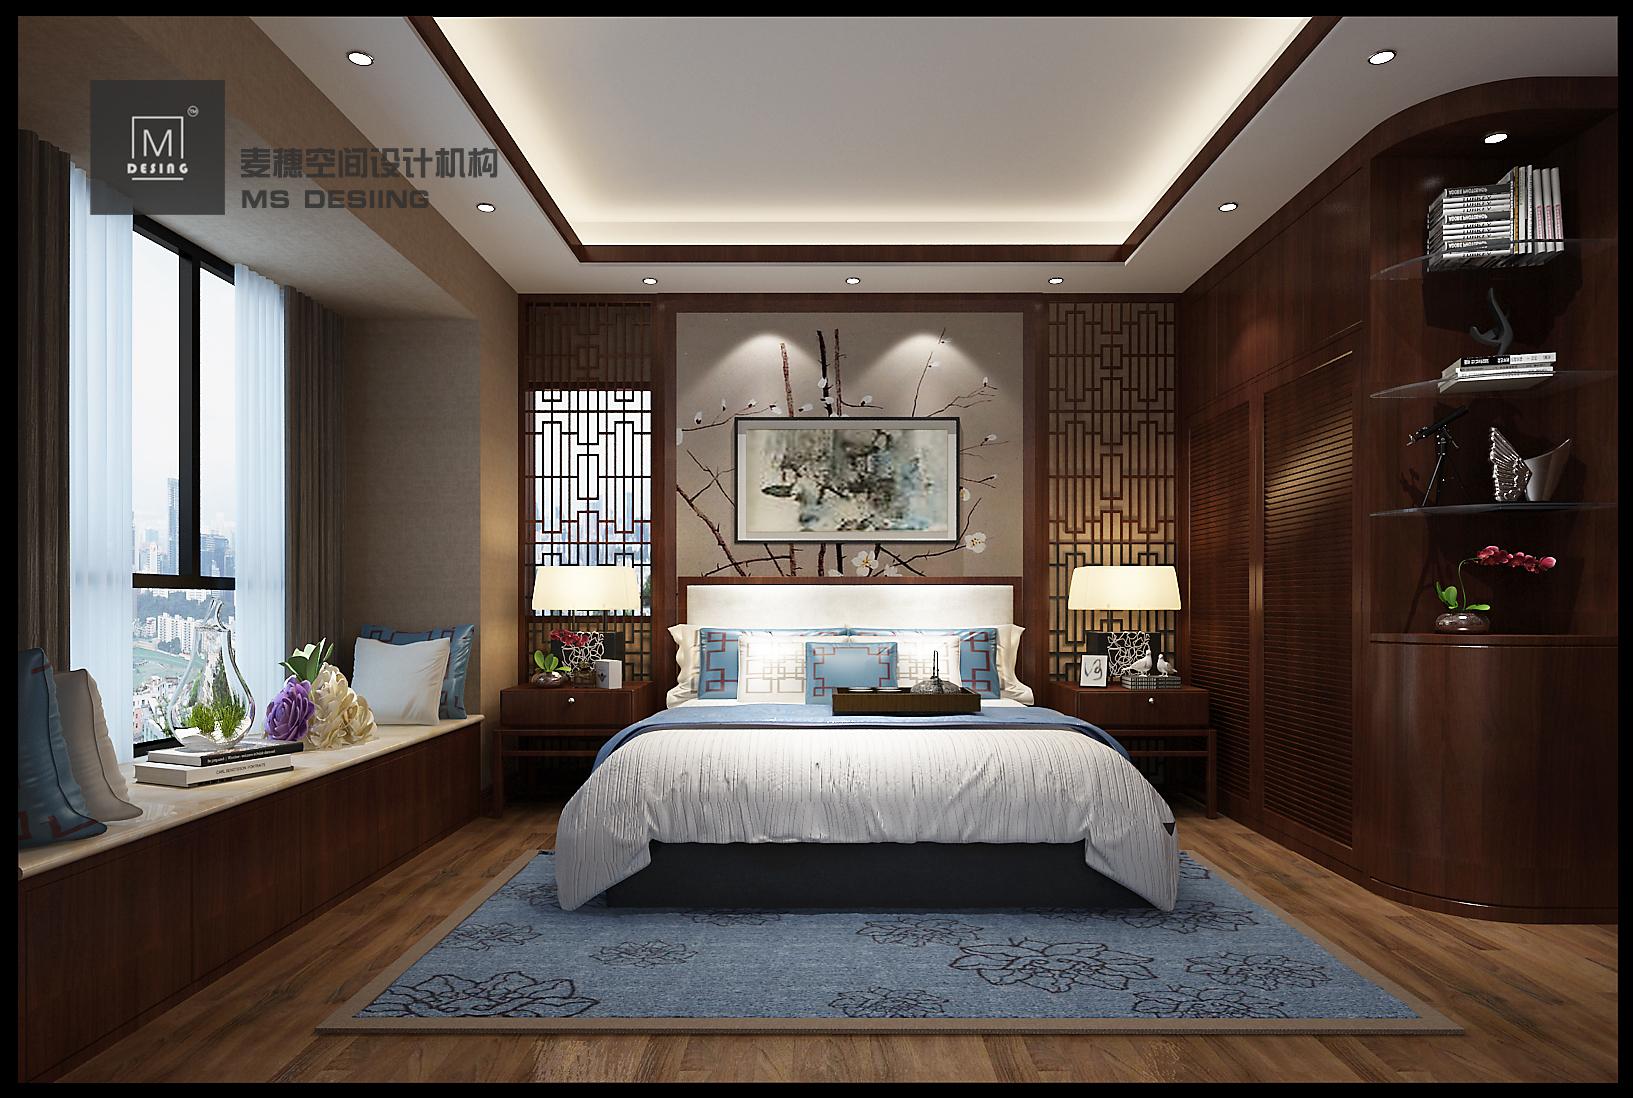 【麦穗】室内设计家装设计效果图设计别墅自建房新房设计装修设计